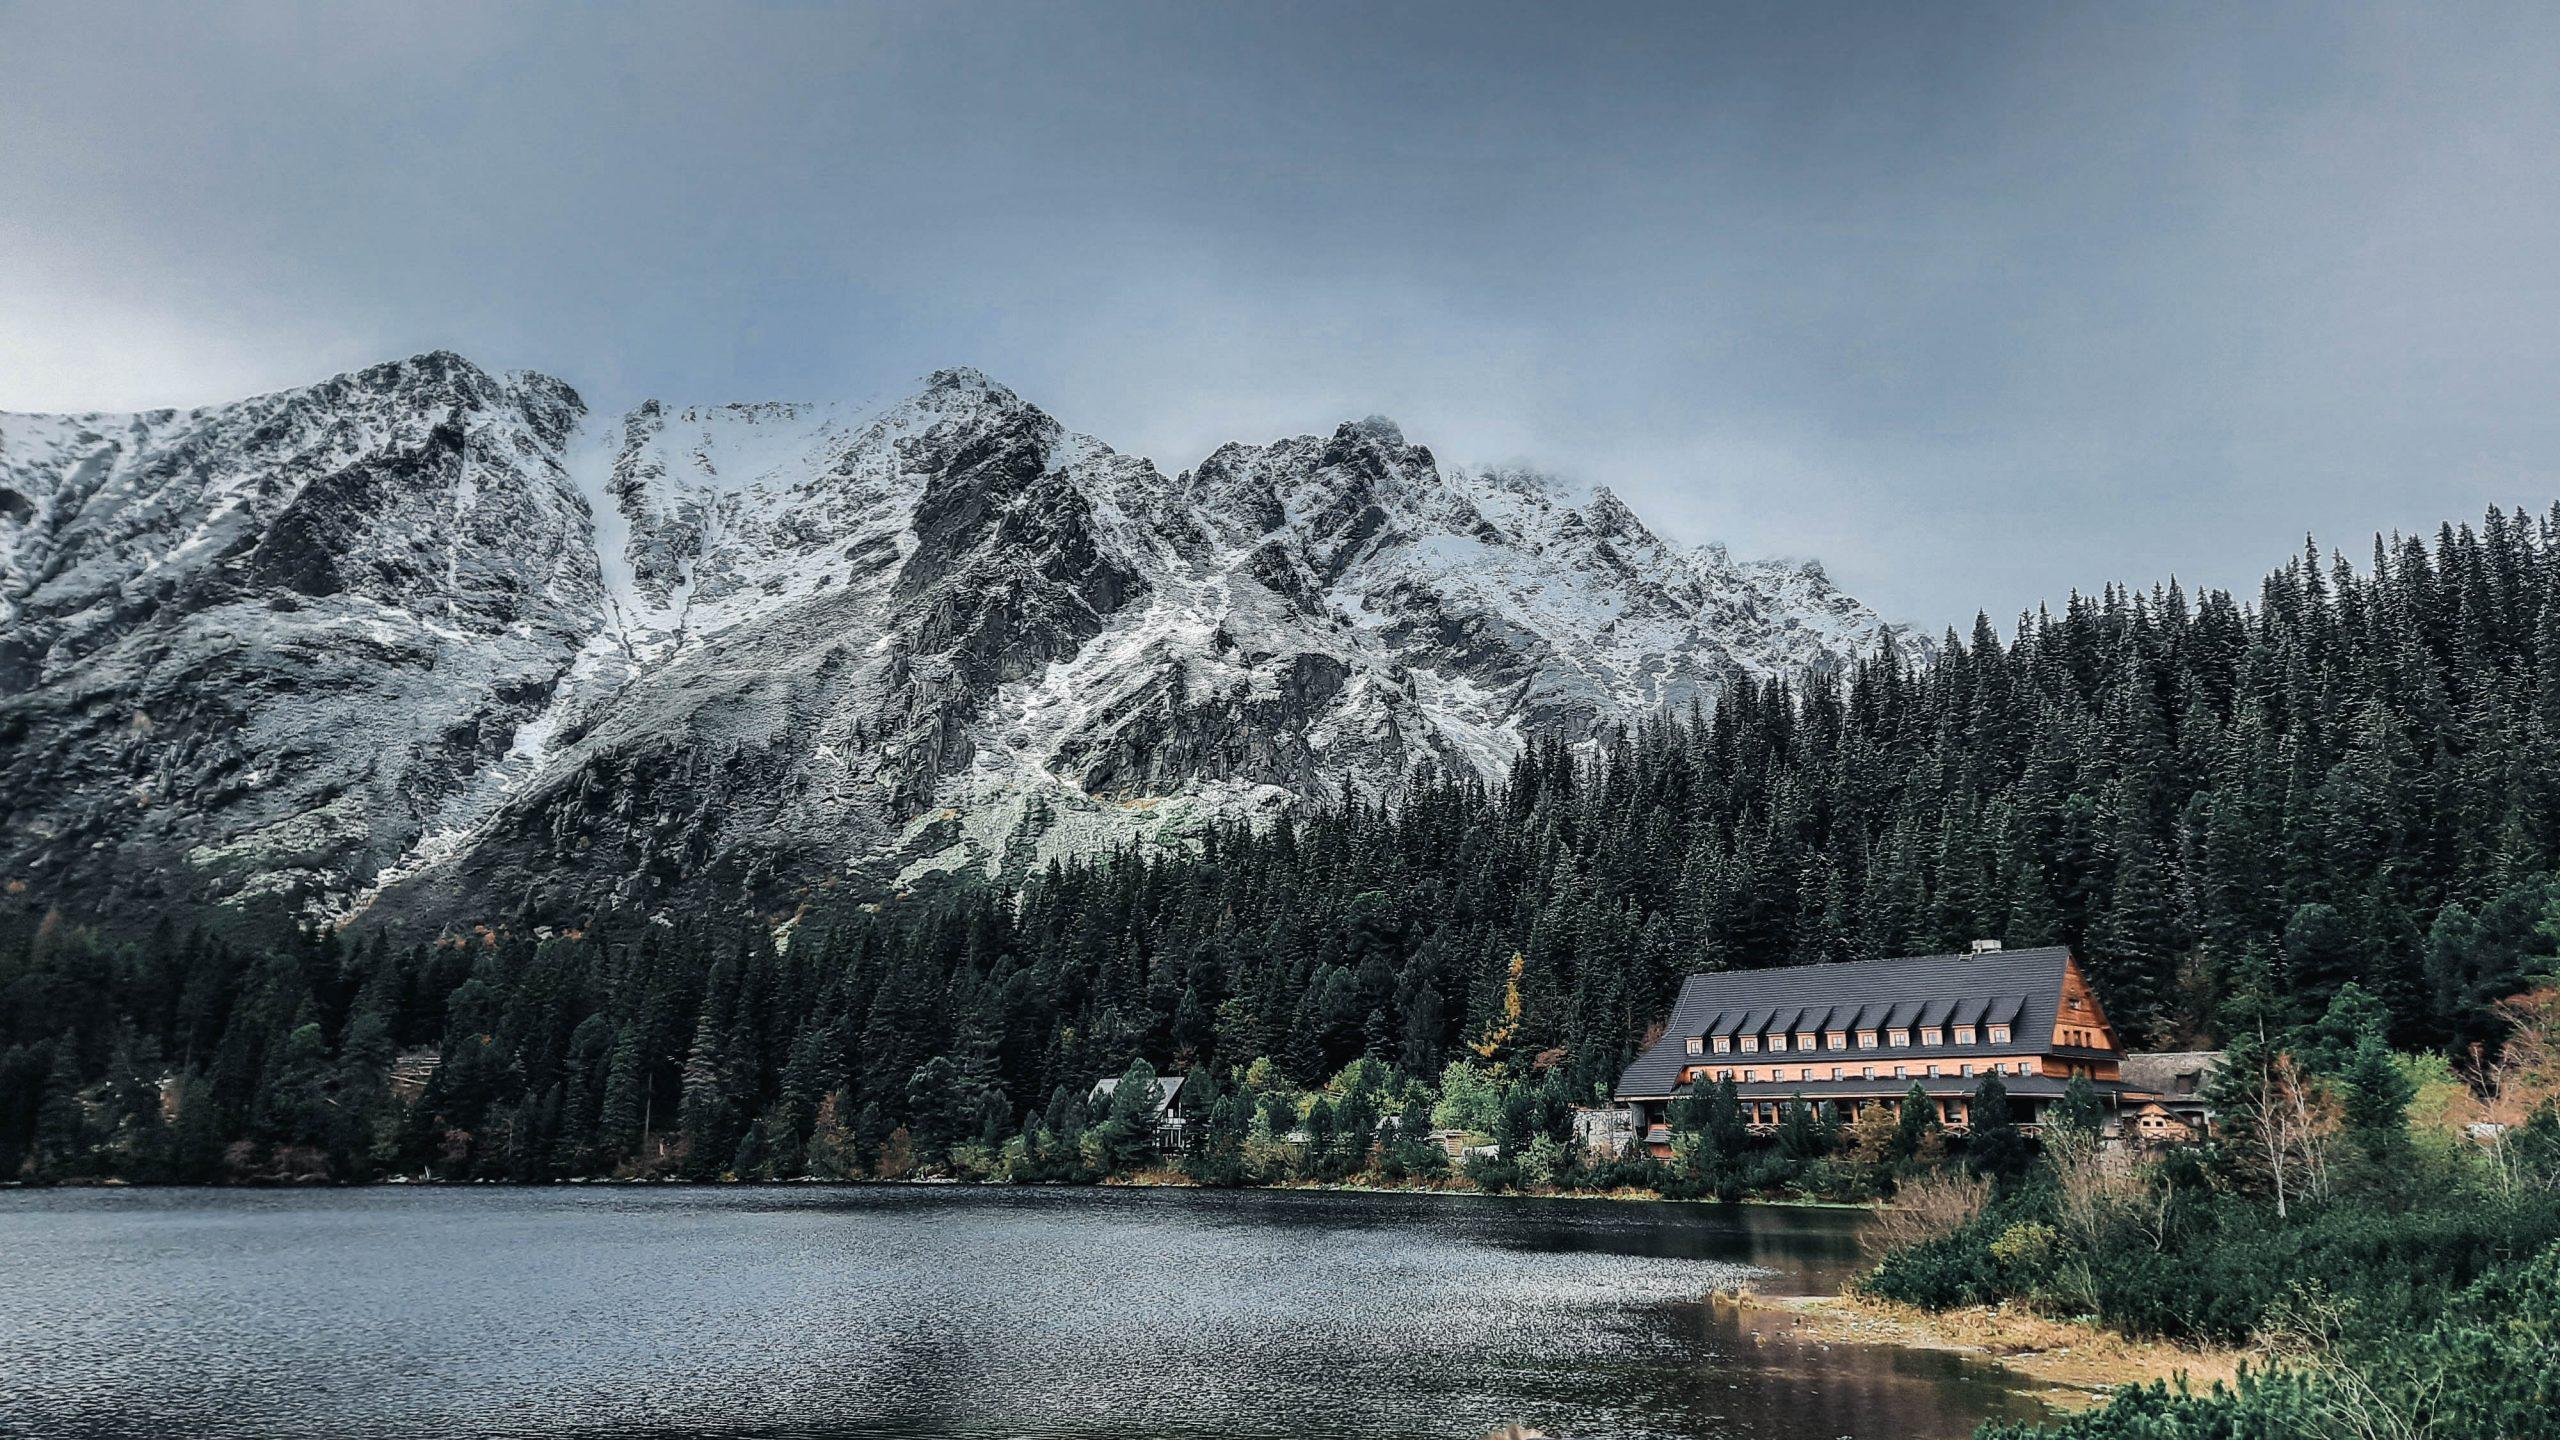 Словаччина, Словаччина фото, безкоштовне навчання, бесплатное образование